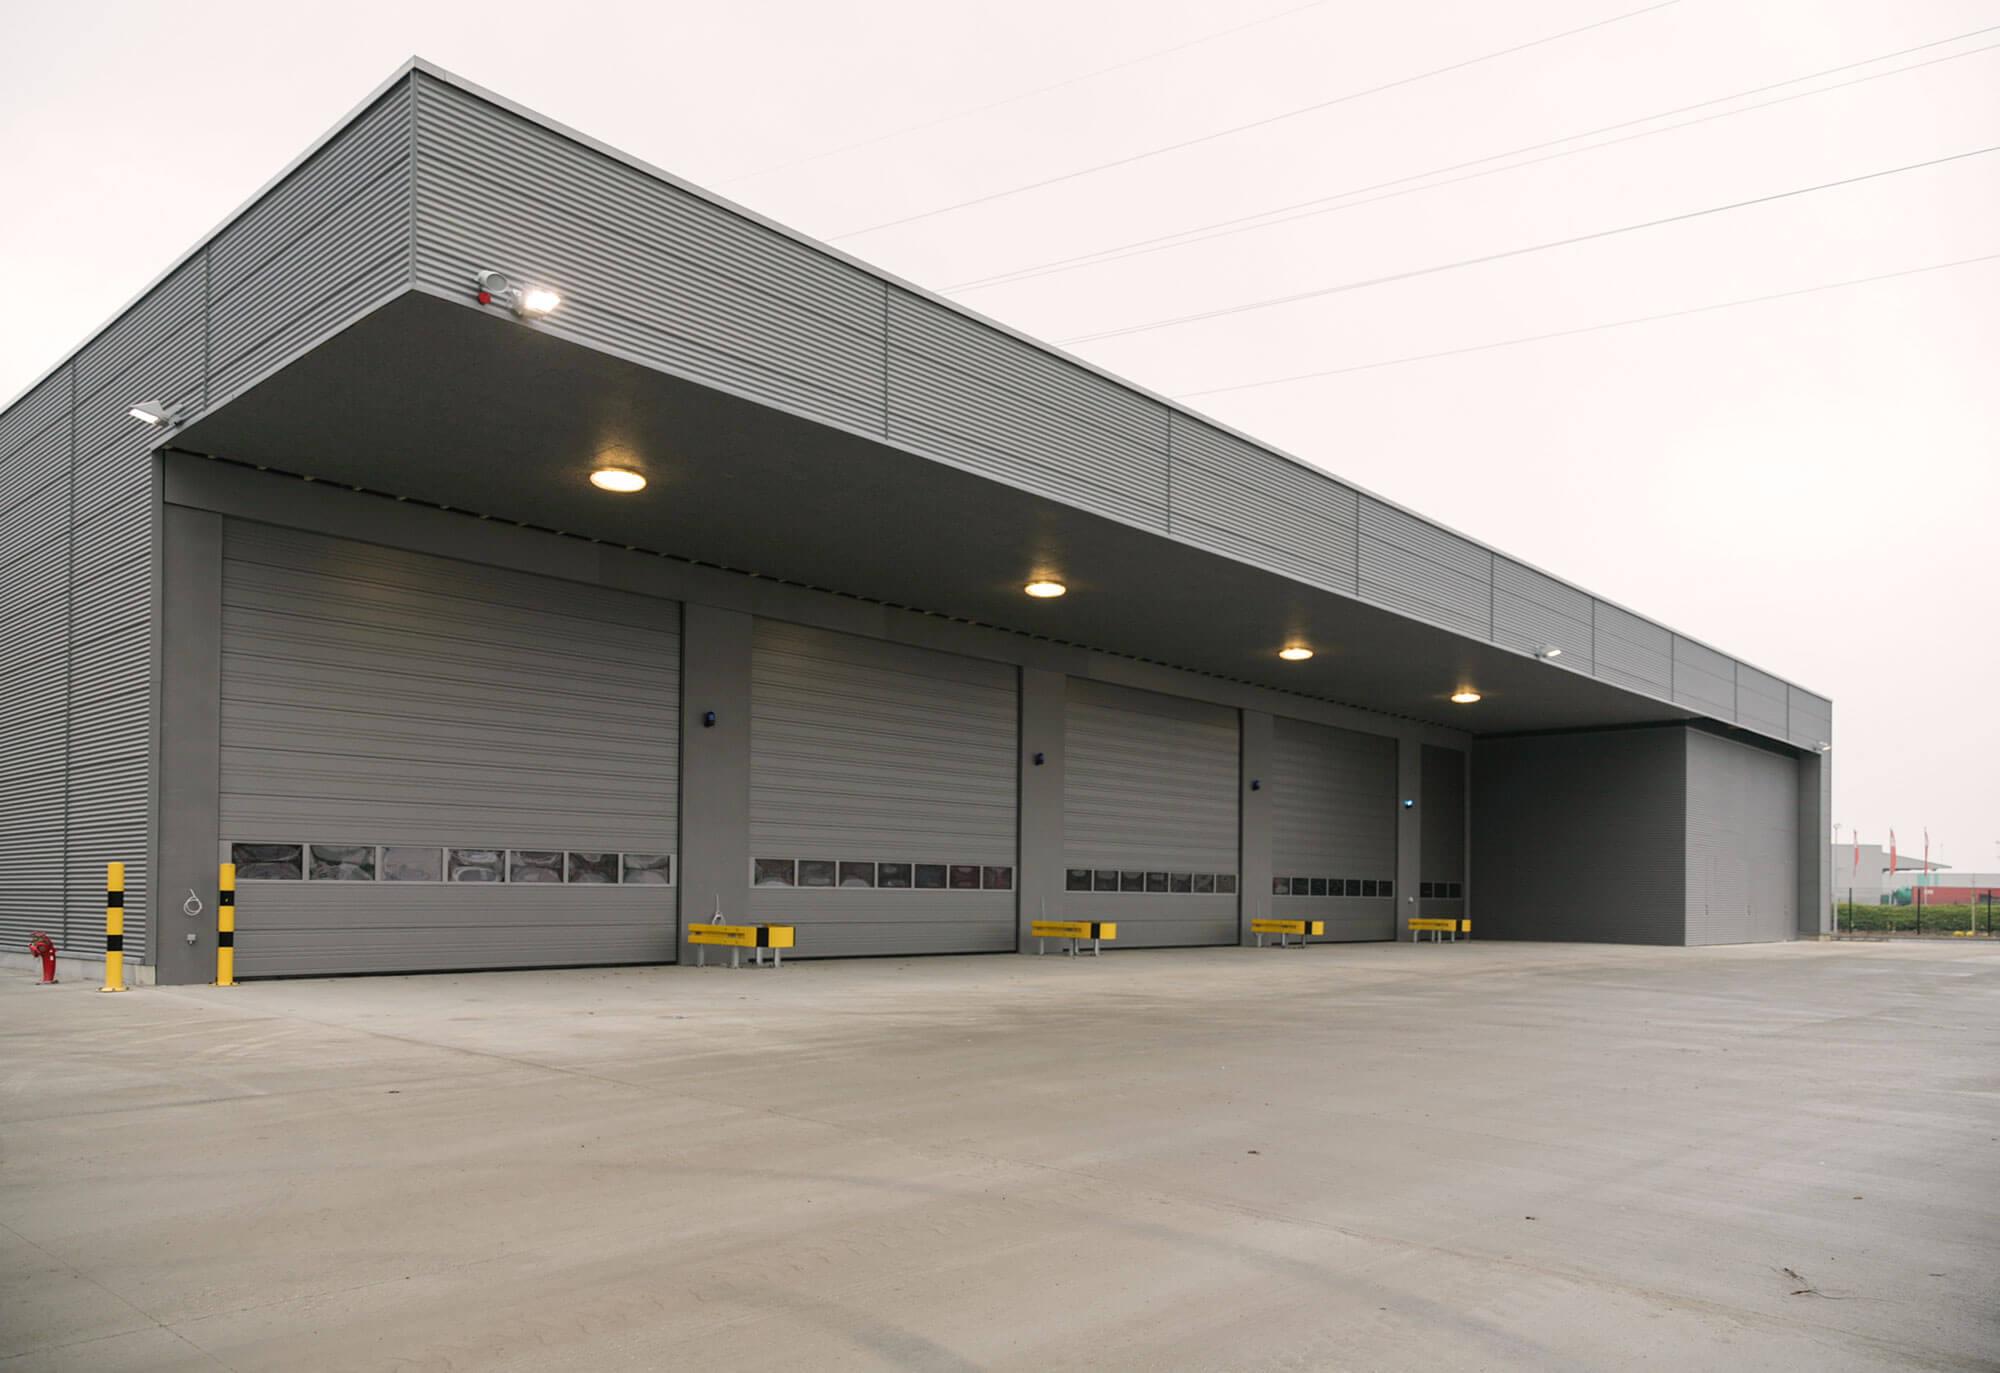 Achteraan zijn vier ruime poorten en één smalle poort voorzien, waar de voertuigen van de brandweer gestockeerd kunnen worden.